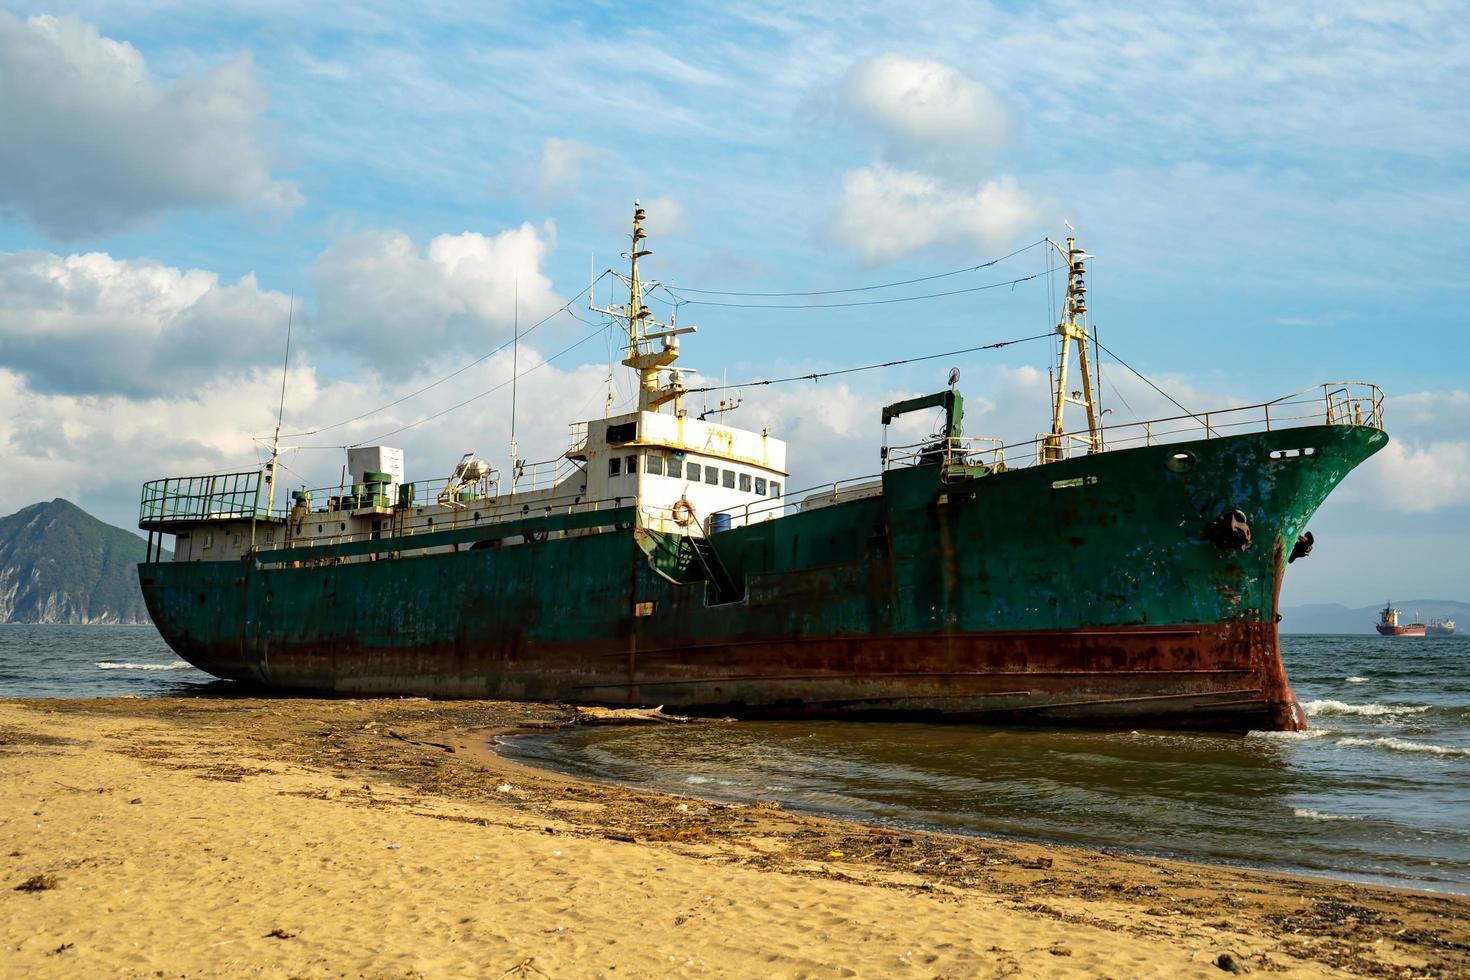 marinmålning med ett skepp strandsatt. nakhodka, ryssland foto